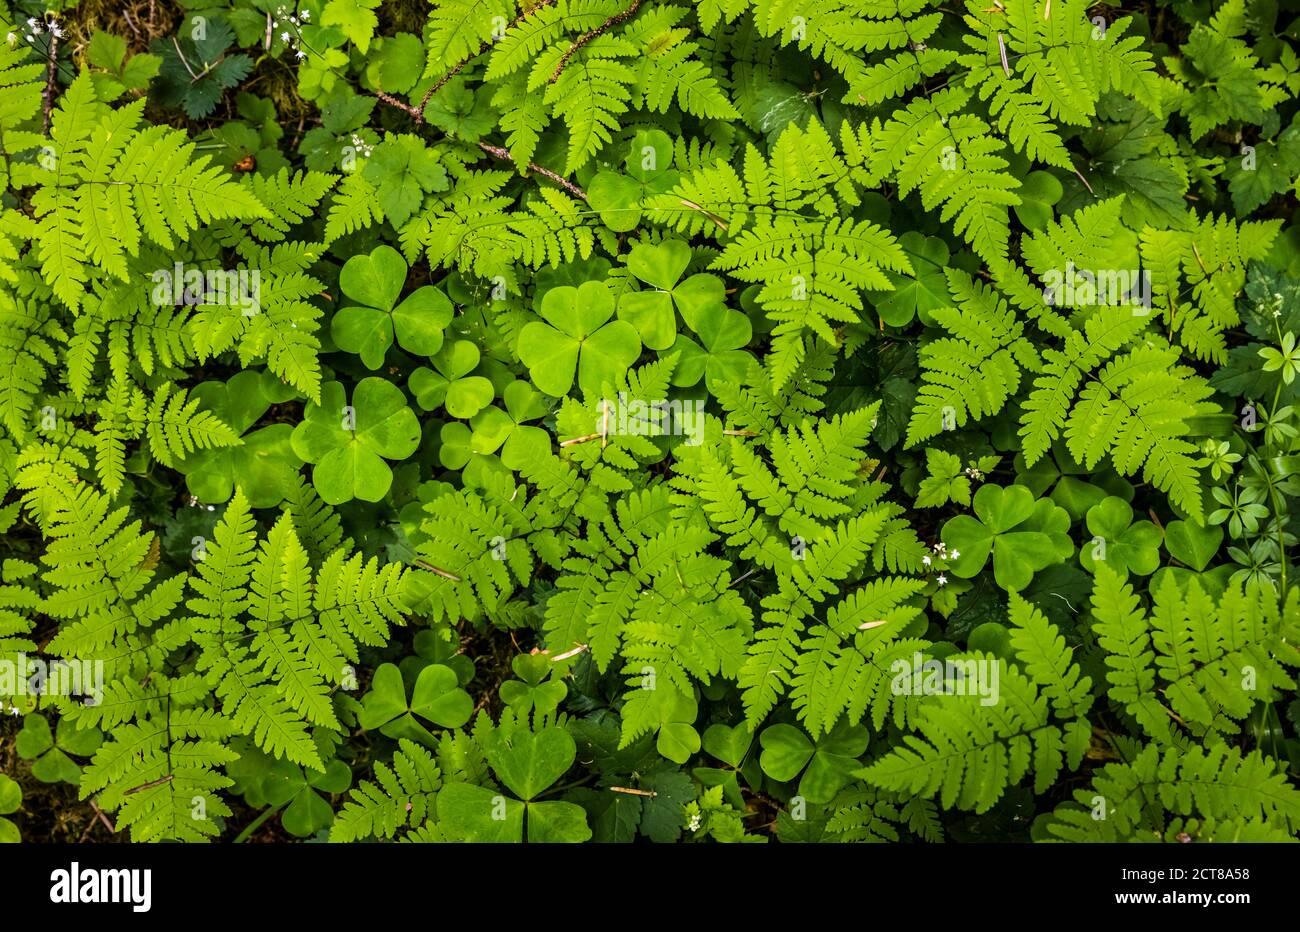 La belle couverture de la forêt tropicale de Hoh. Parc national olympique, Washington, États-Unis. Banque D'Images